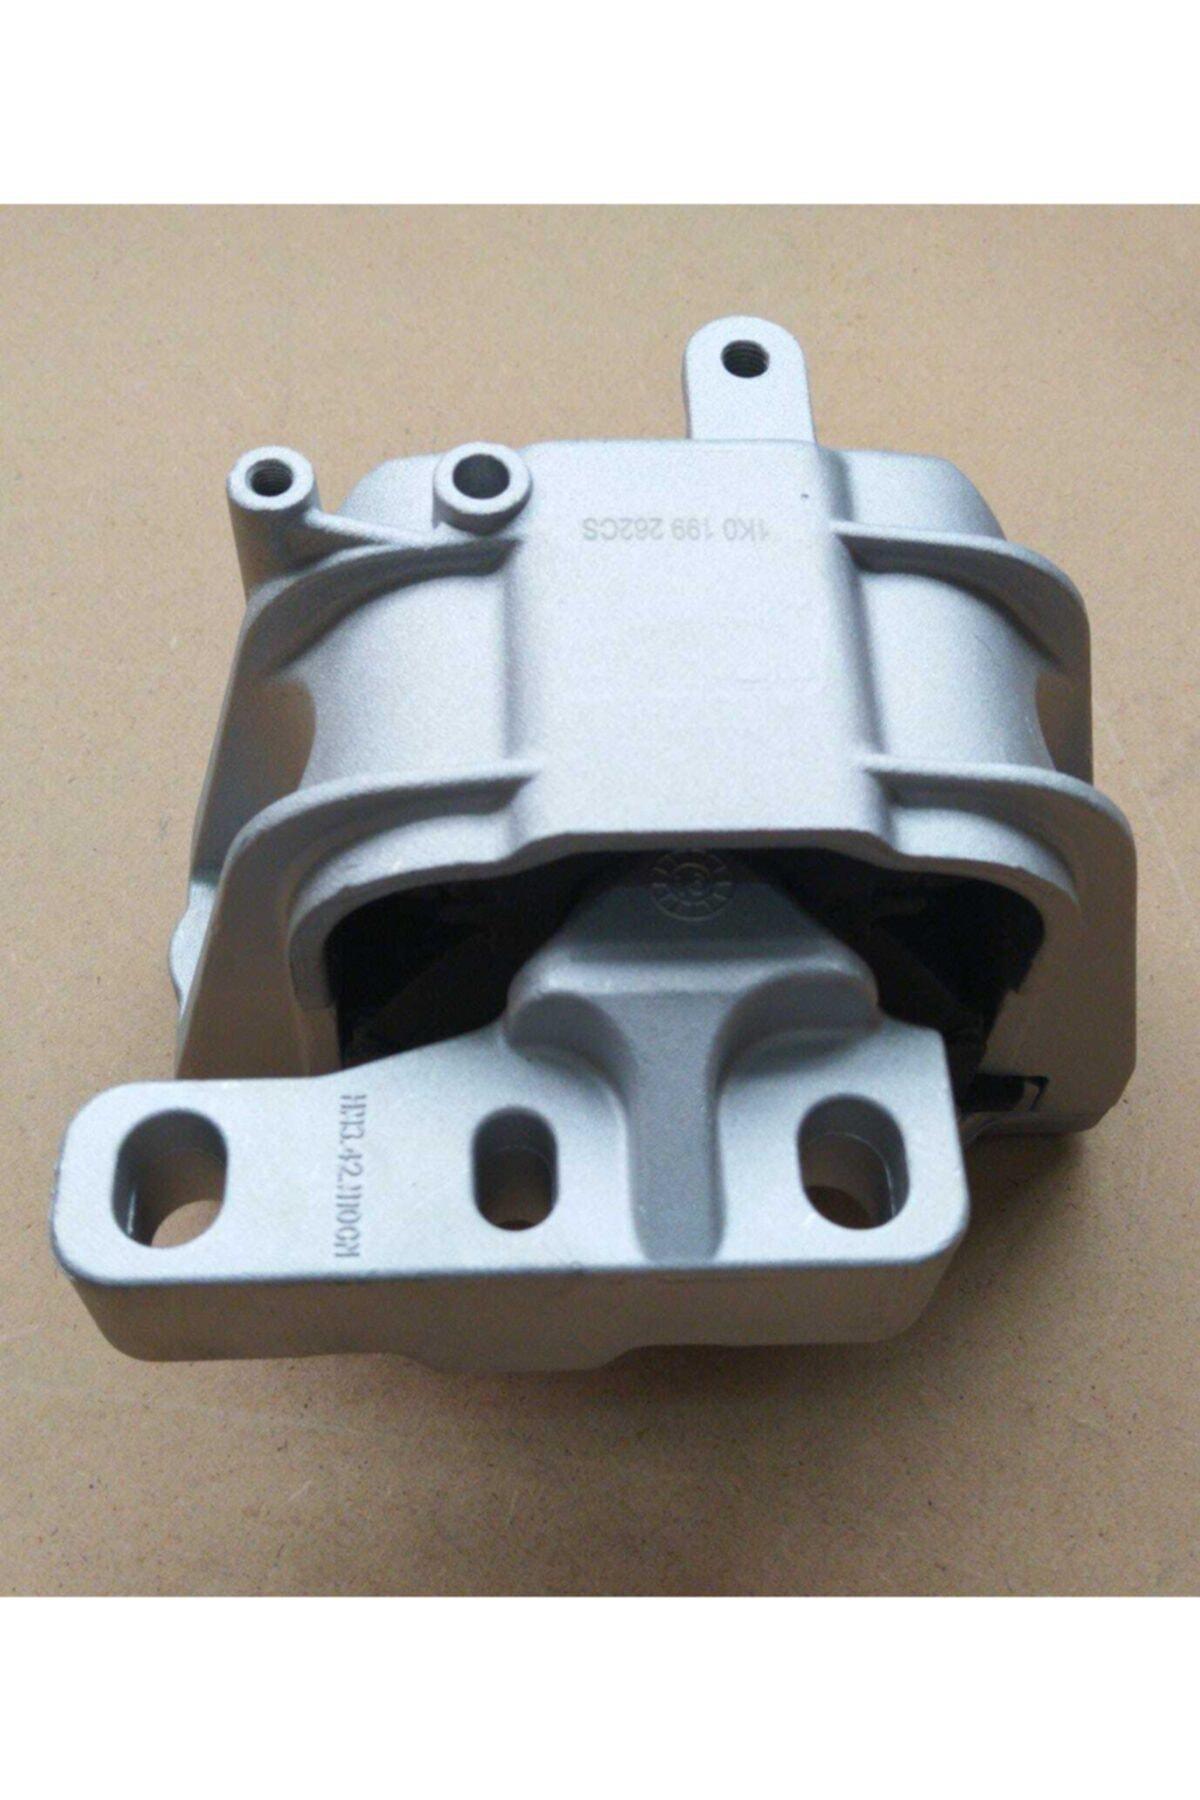 DMR Jetta Motor Takozu Cg 1k0199262cg C1k0199262cs Otodemır 1